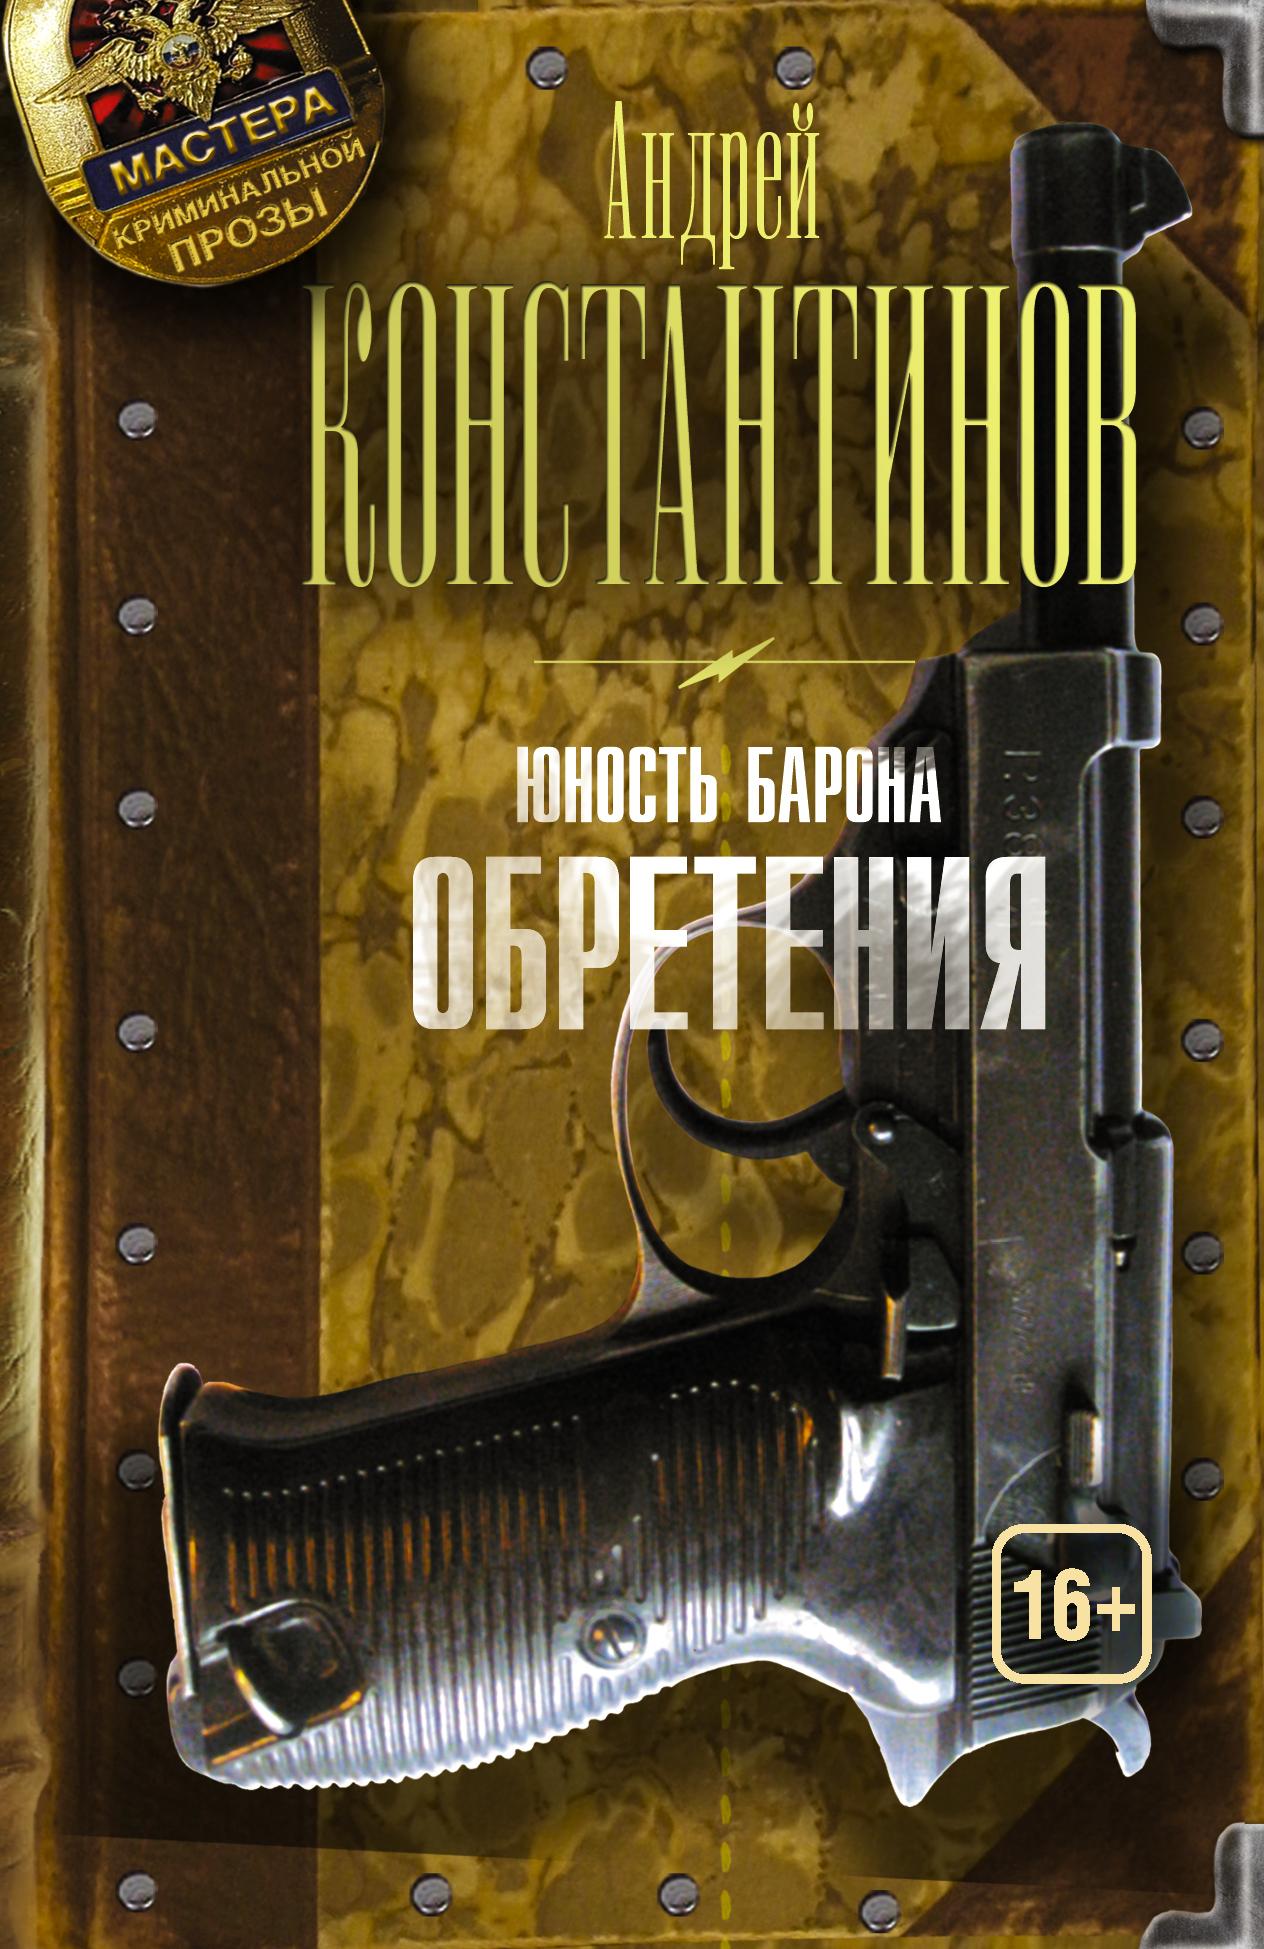 Константинов Андрей Юность барона. Книга 2. Обретения  недорого